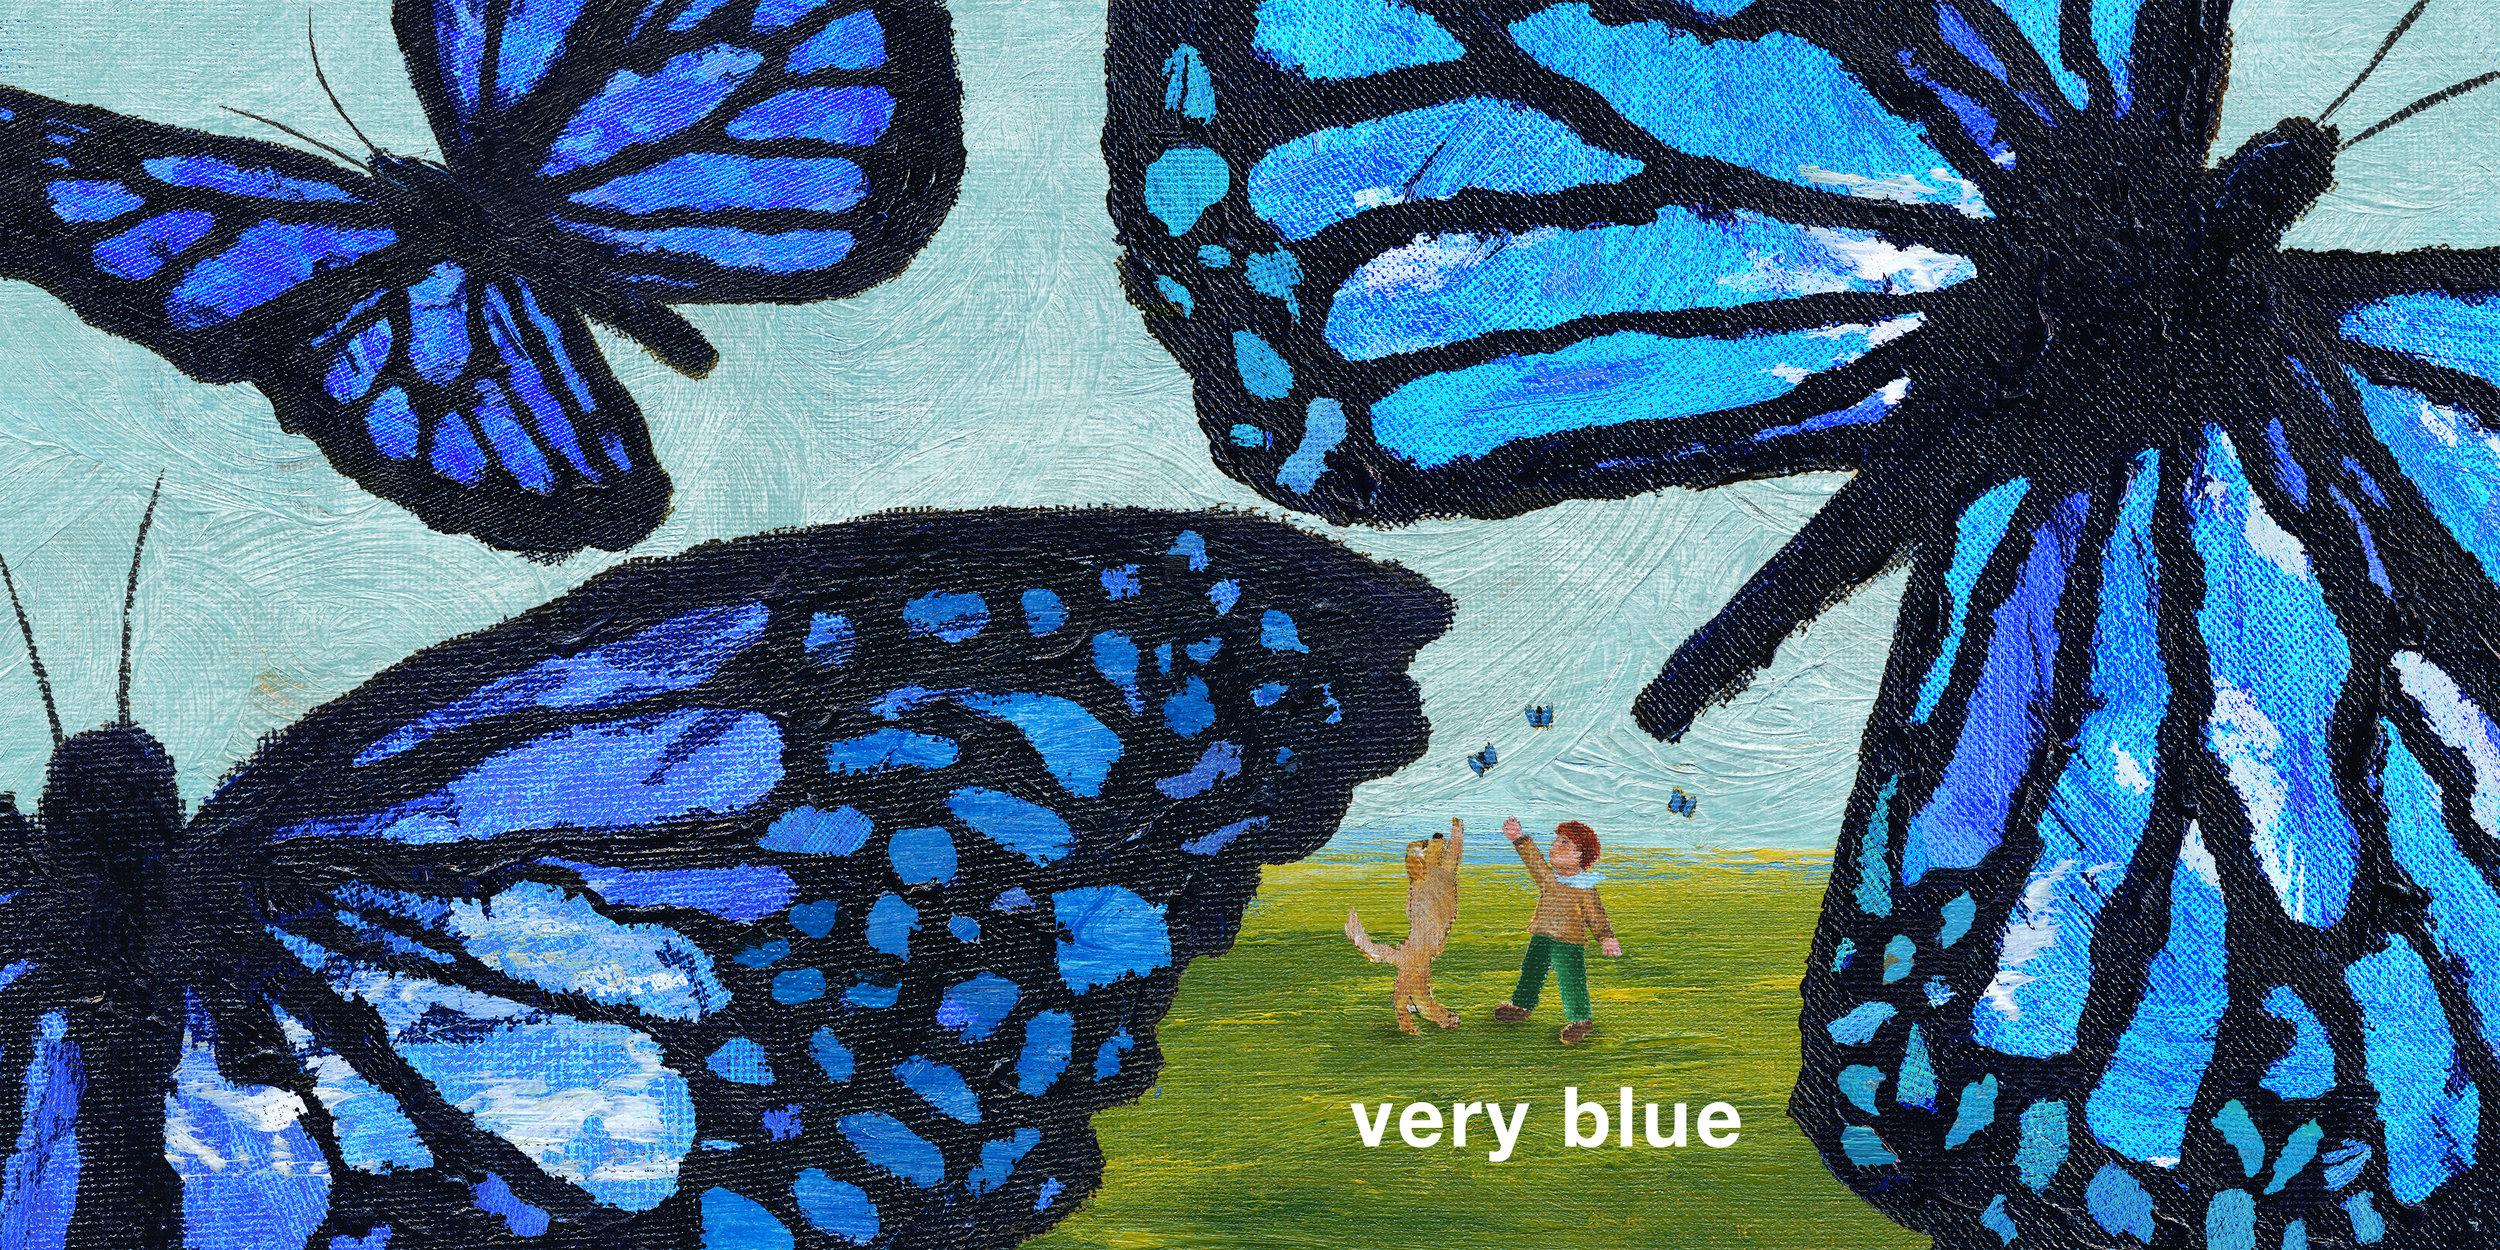 07VeryBlue.jpg